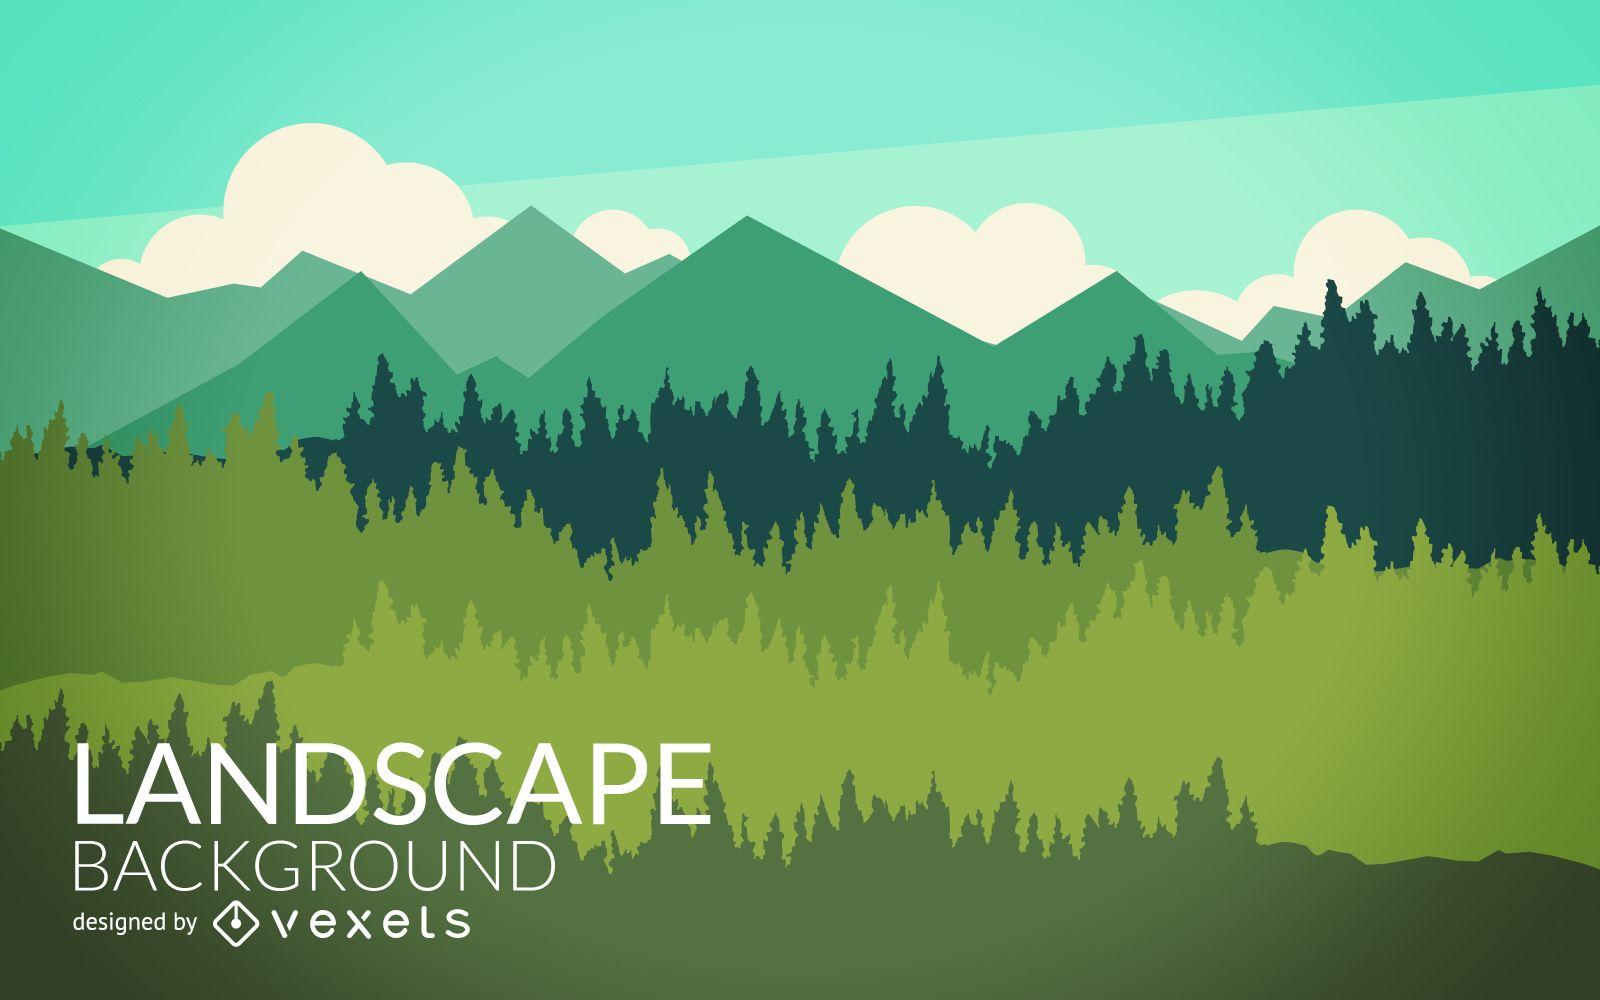 Landscape Illustration Vector Free: Flat Nature Landscape Design